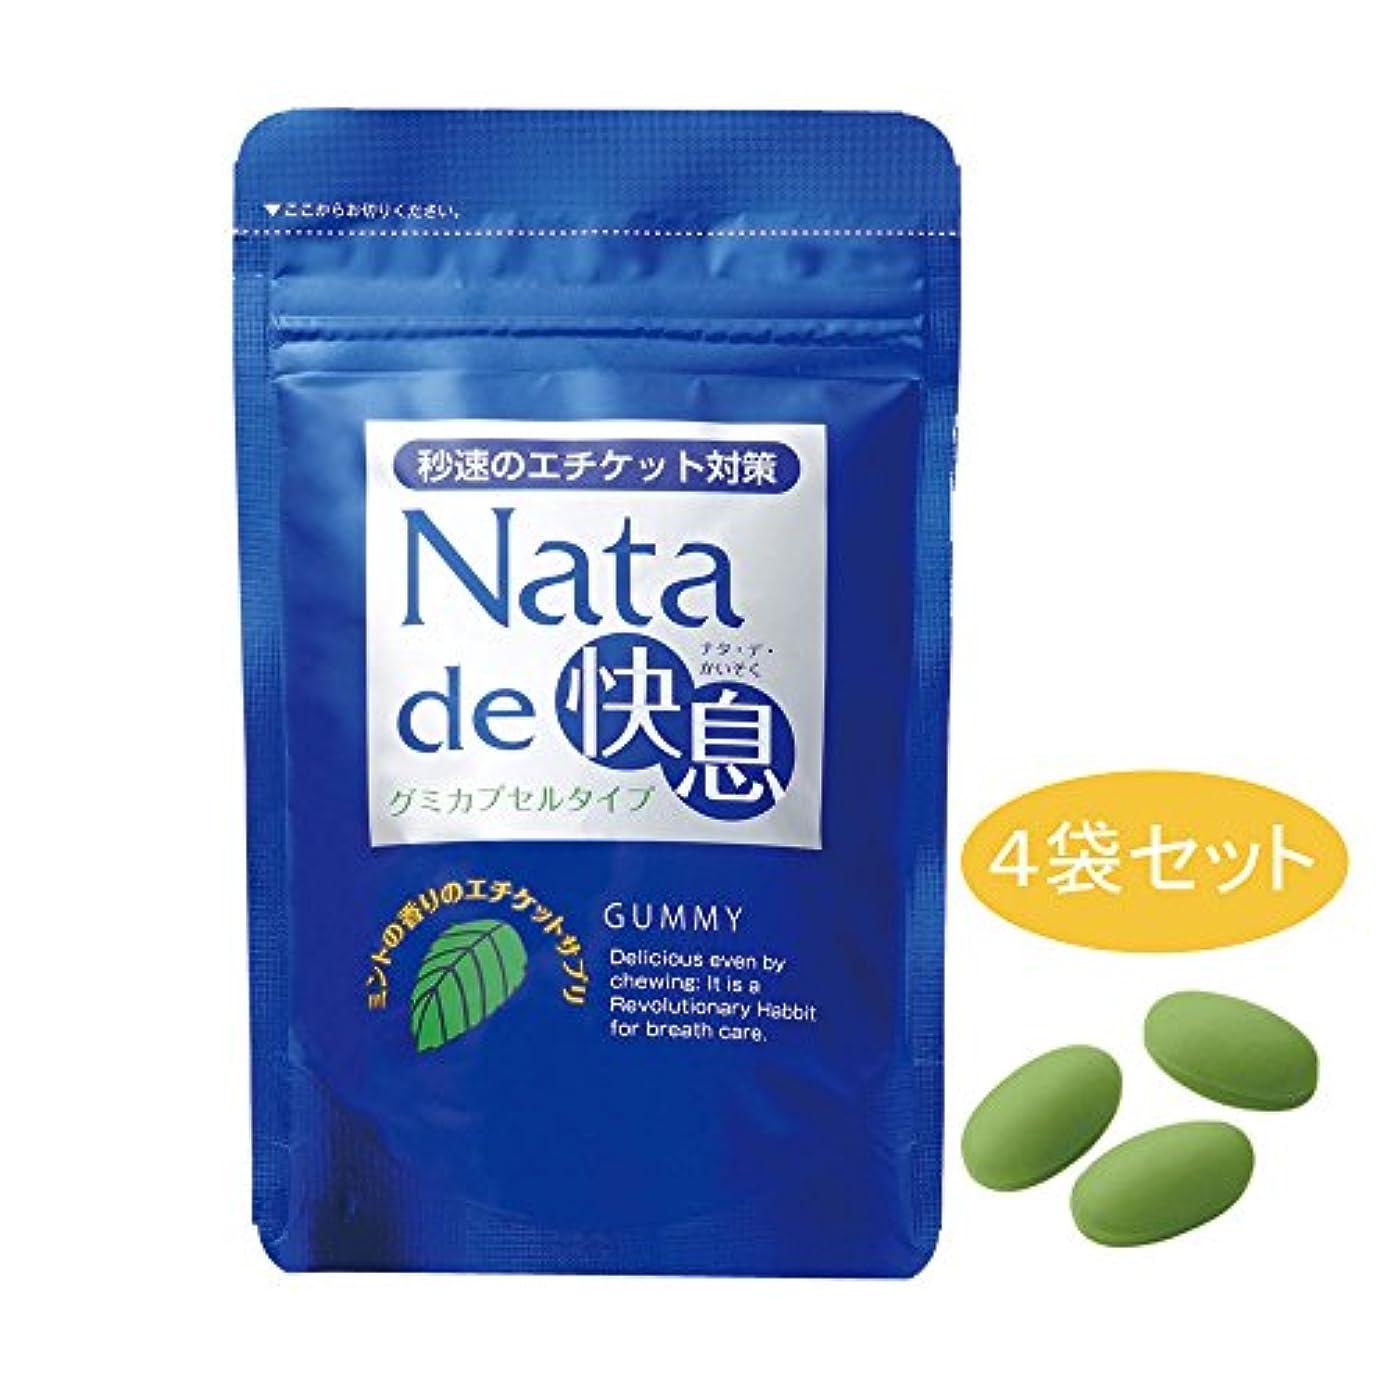 小間説明的最もナタデ快息 ミントの香り 4袋セット